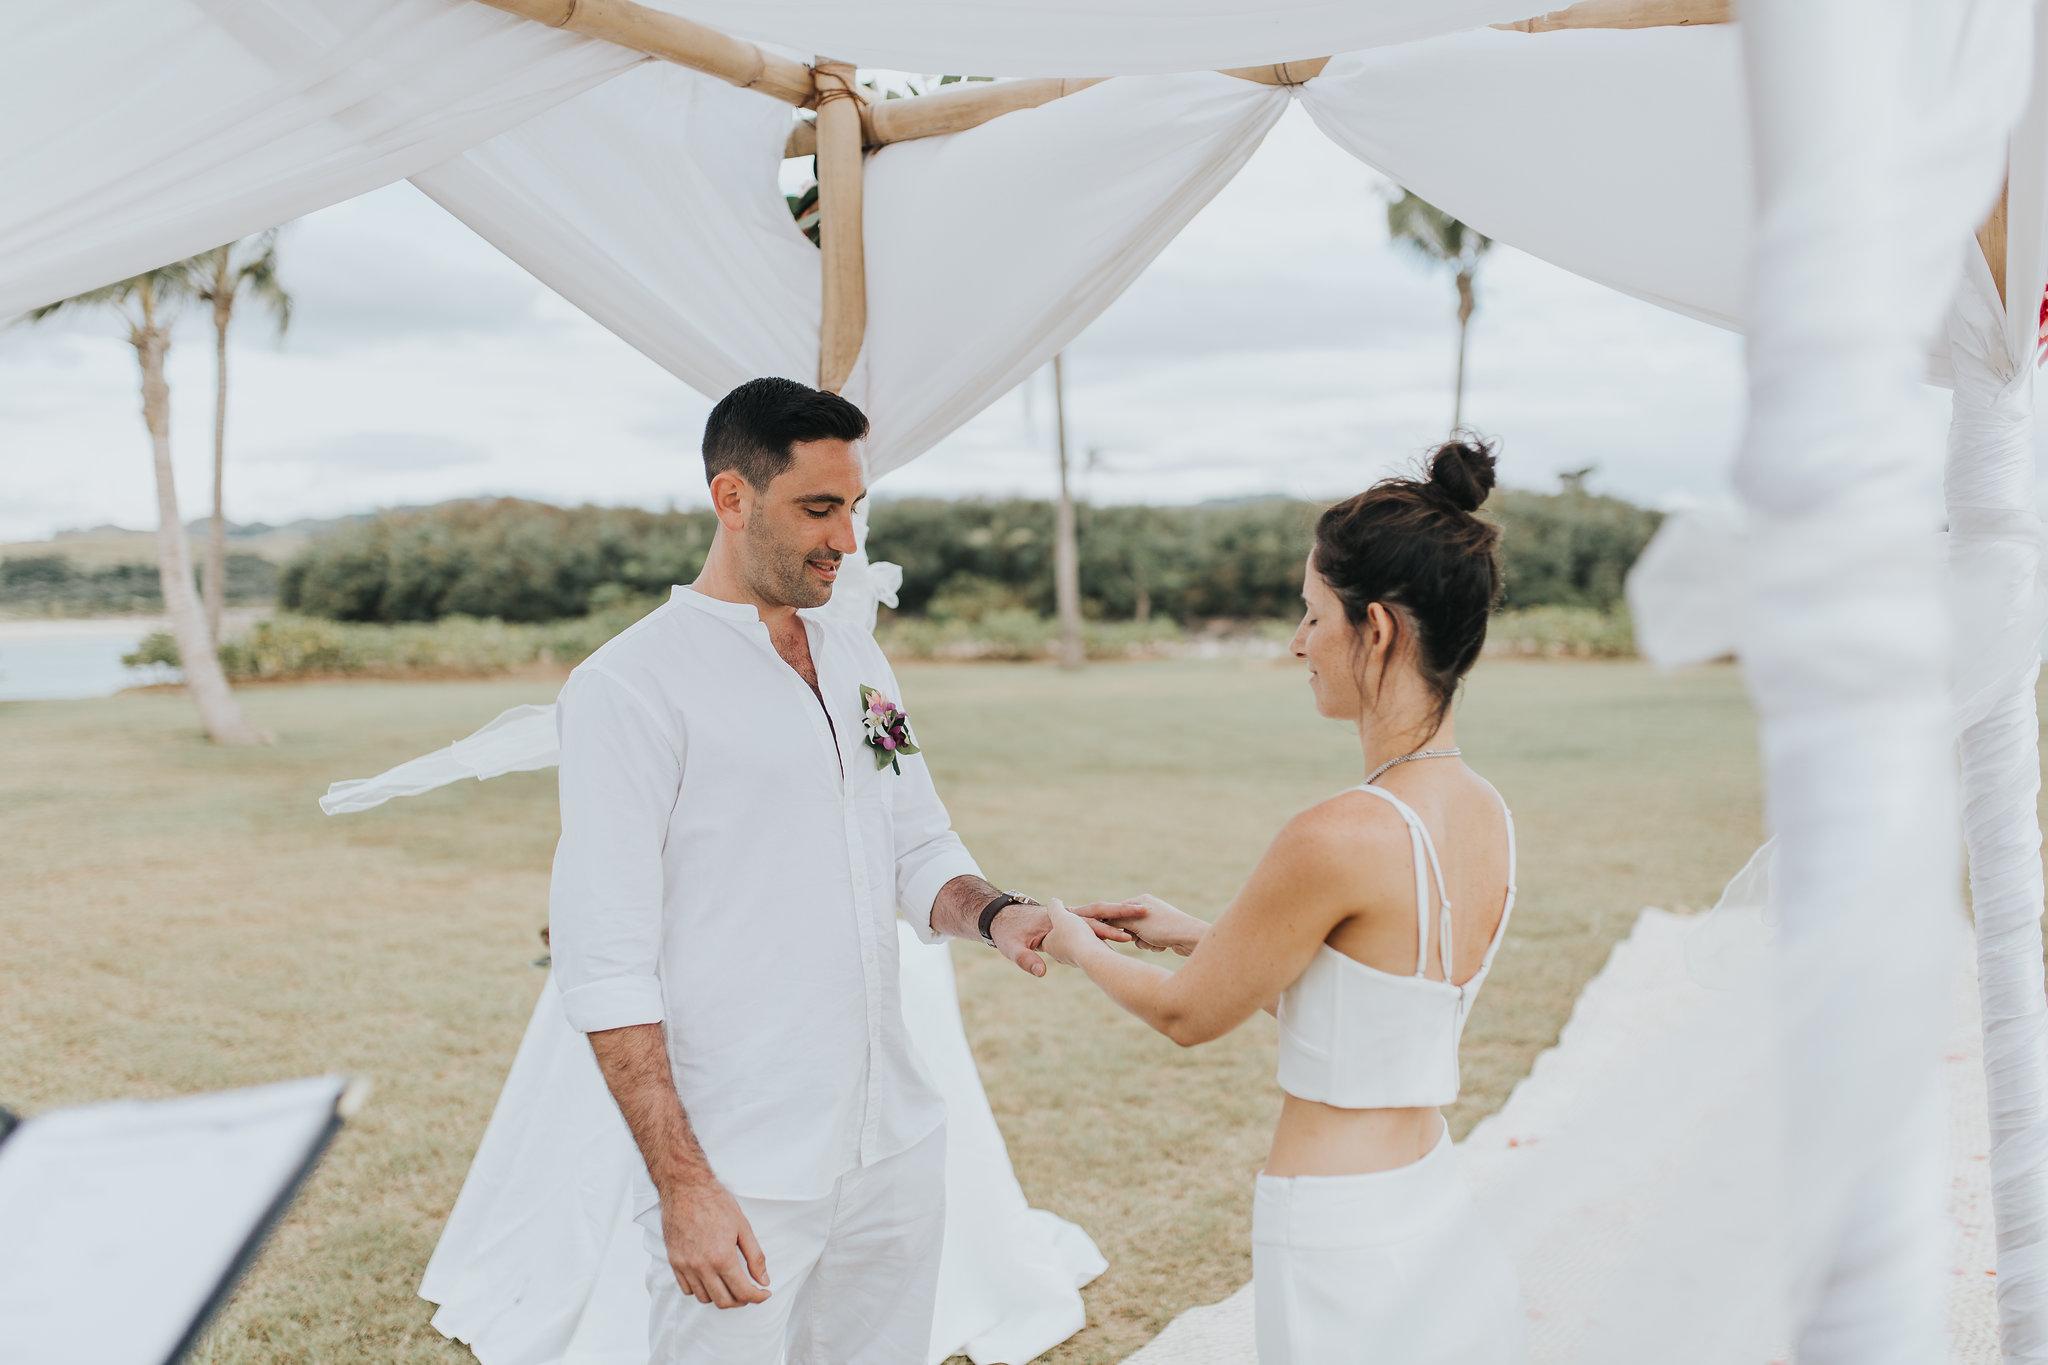 מפיג׳י באהבה: החתונה של דנה וגיא